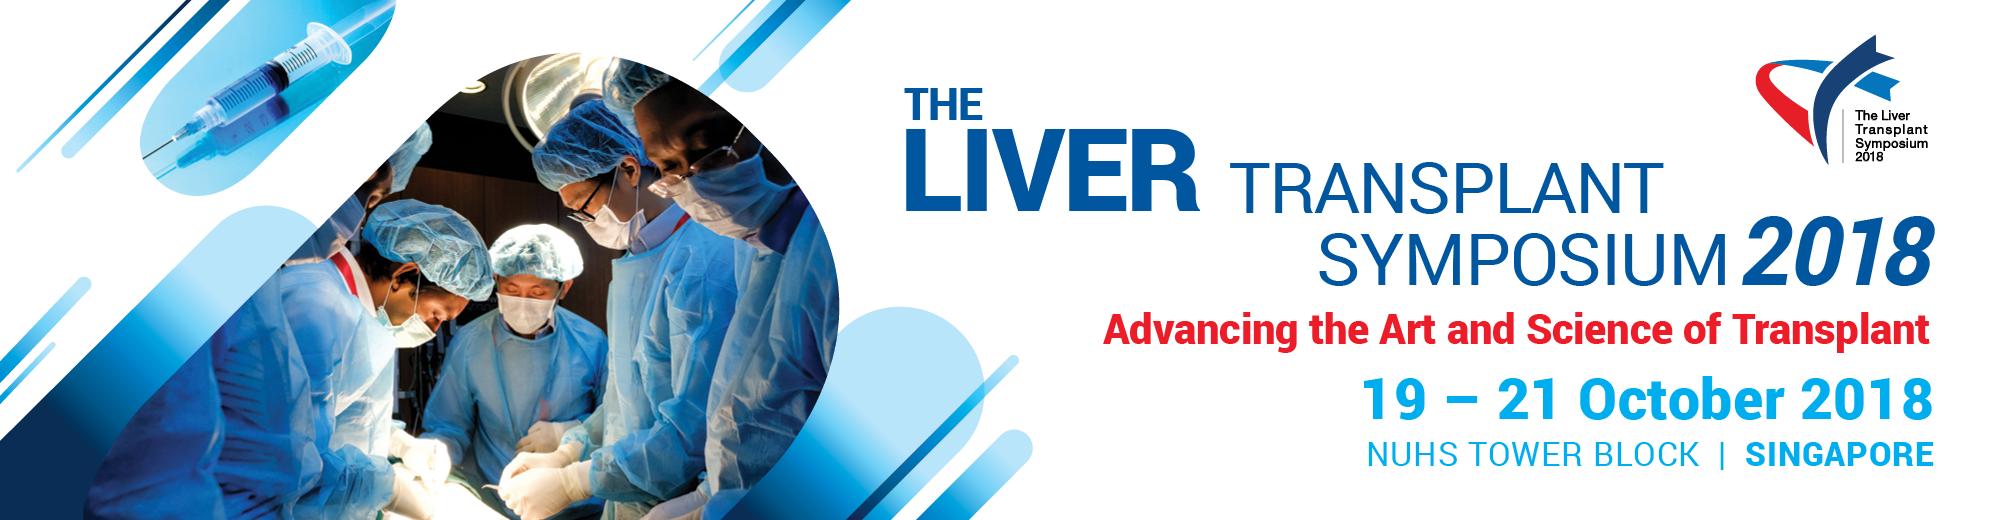 The Liver Transplant Symposium 2018, Singapore, South West, Singapore